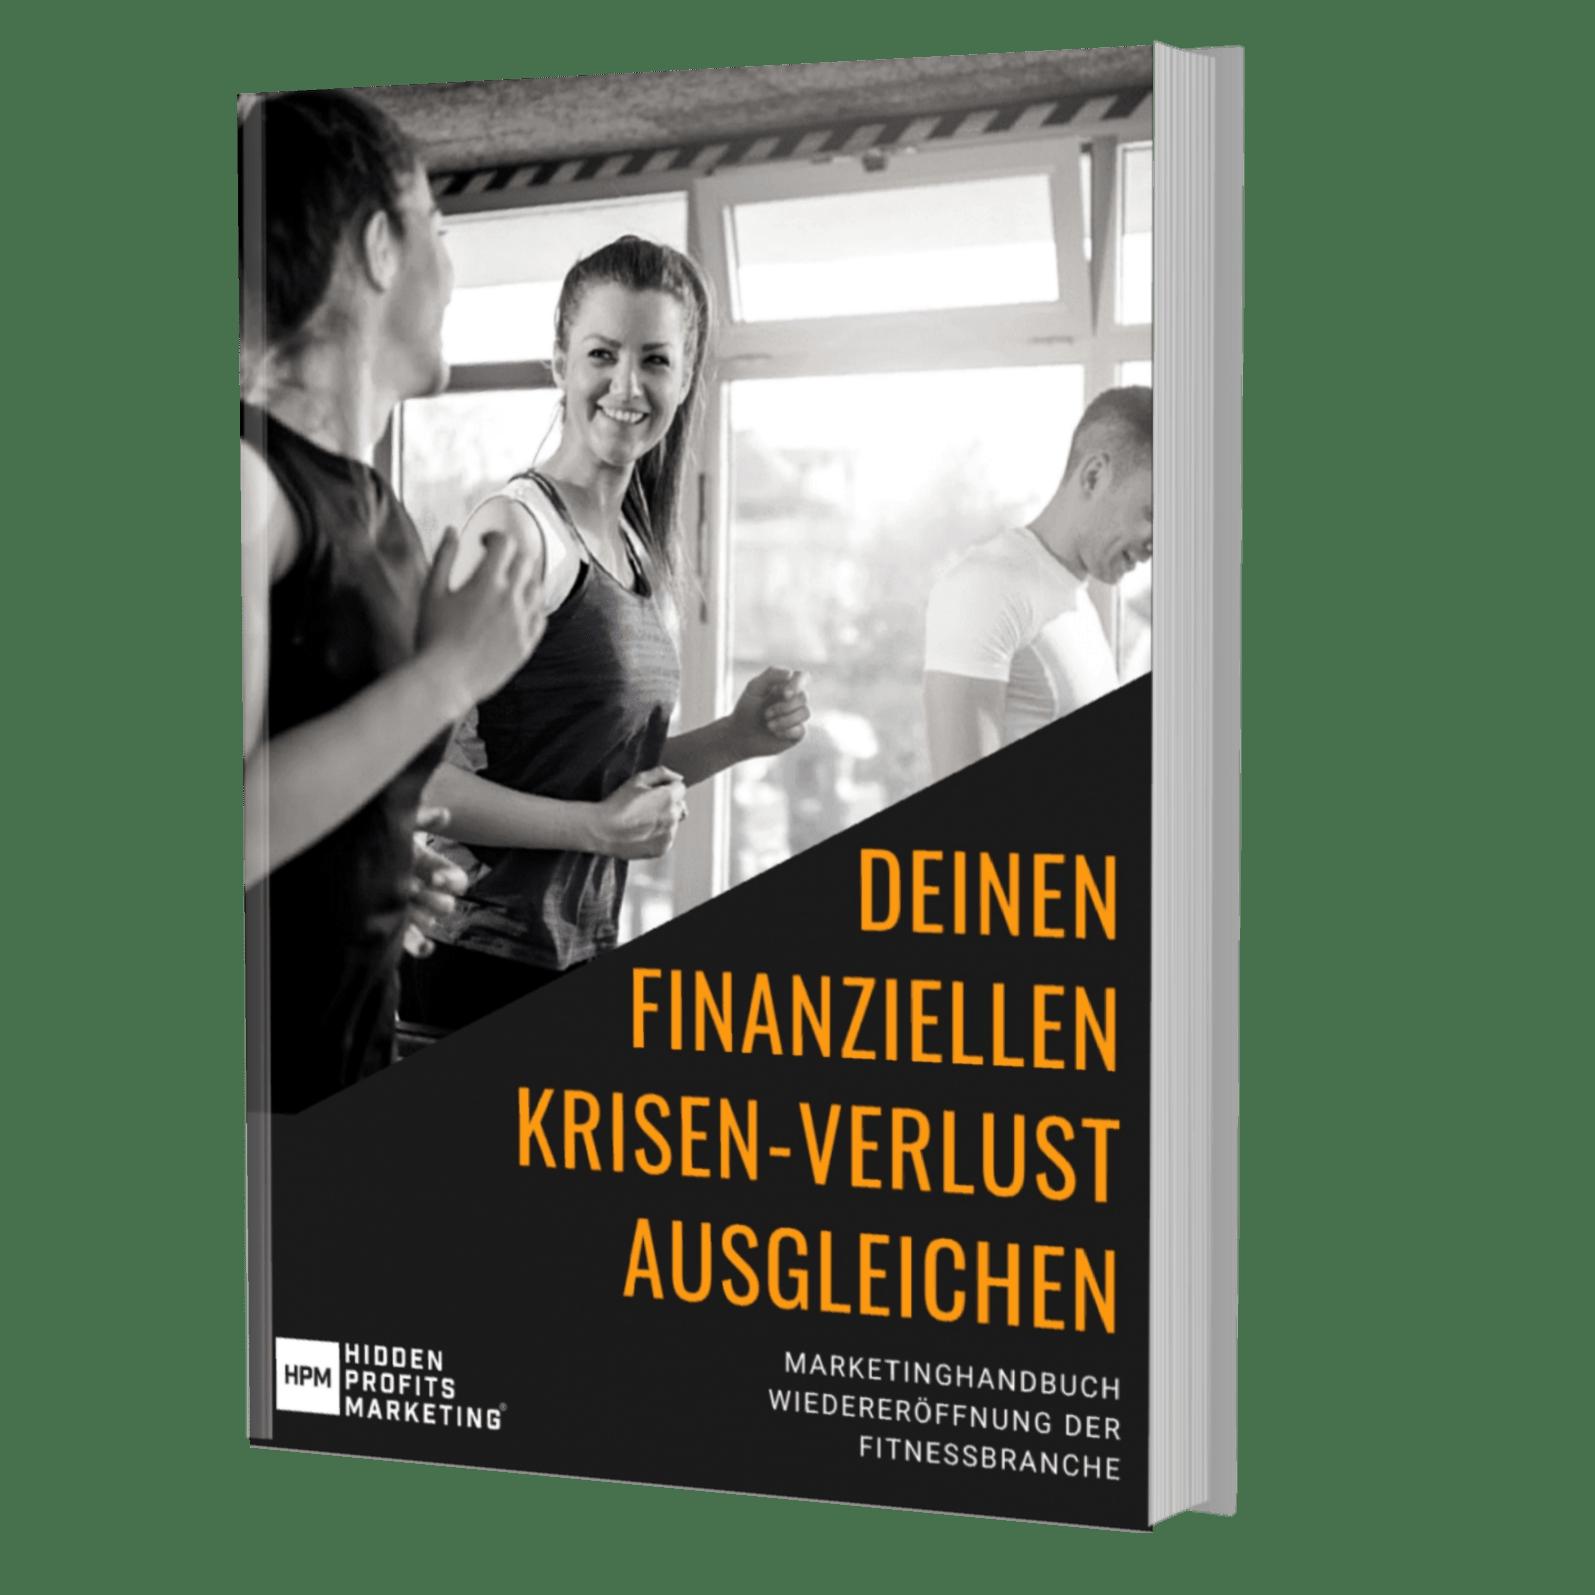 'Deinen finanziellen Krisen-Verlust ausgleichen' - Lade das Marketing-Handbuch zur Wiedereröffnung der Fitnessbranche kostenlos herunter (PDF)